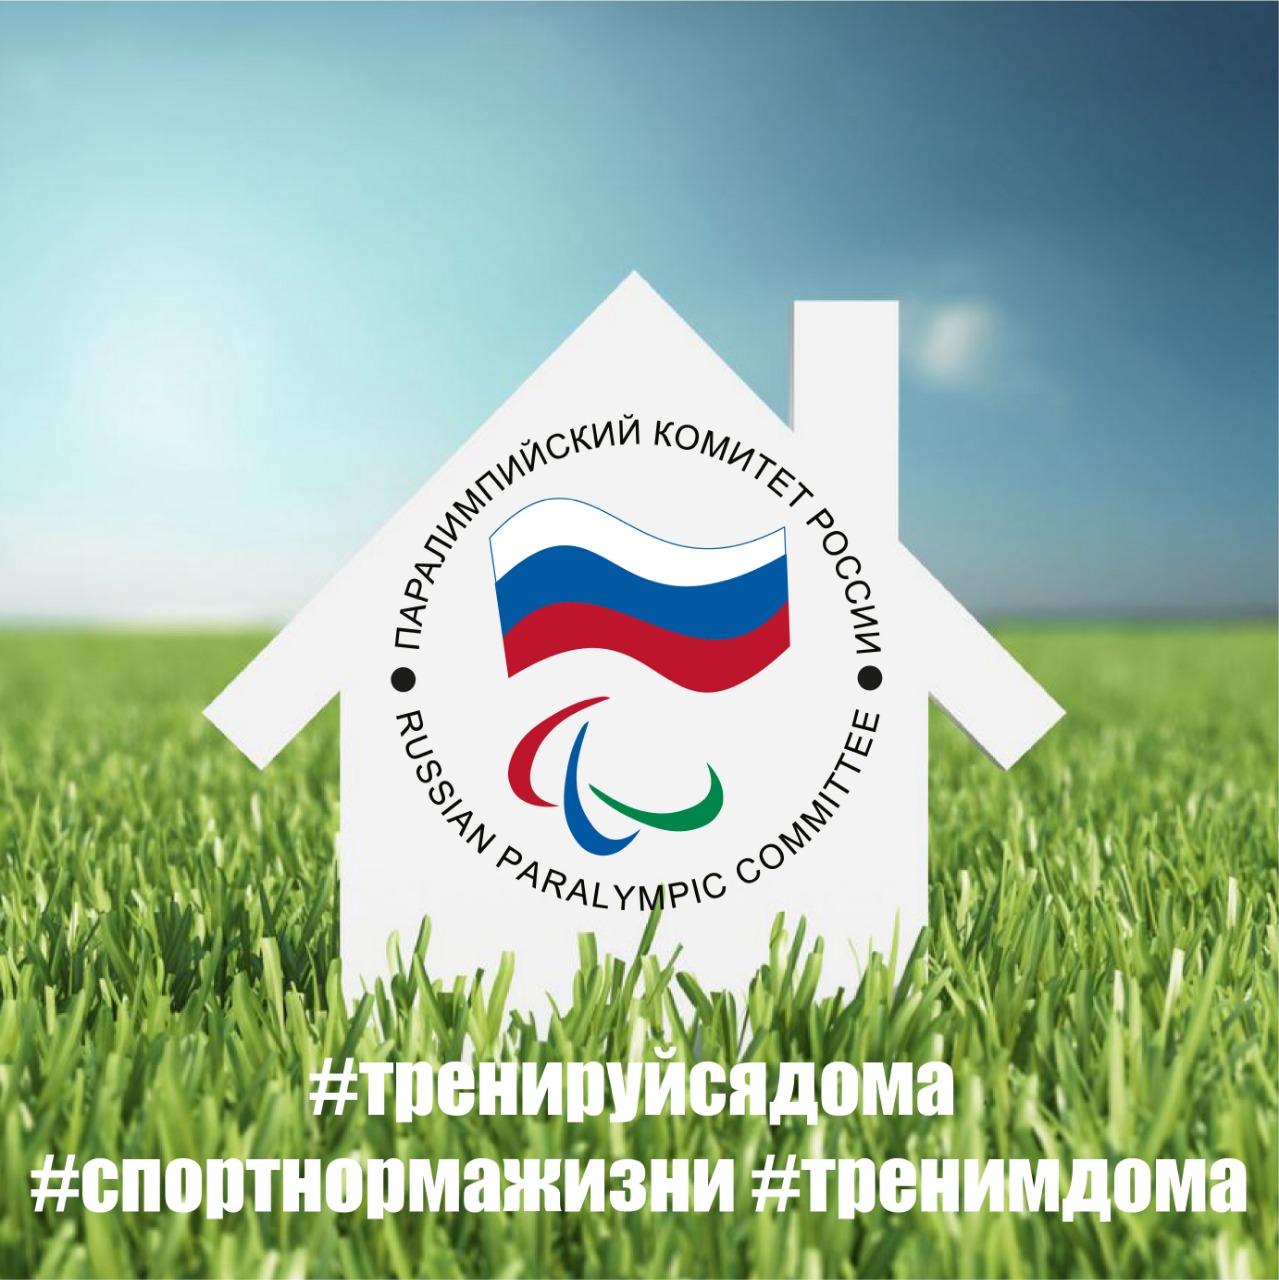 ПКР поддерживает акцию Минспорта России «Тренируйся дома. Спорт - норма жизни»